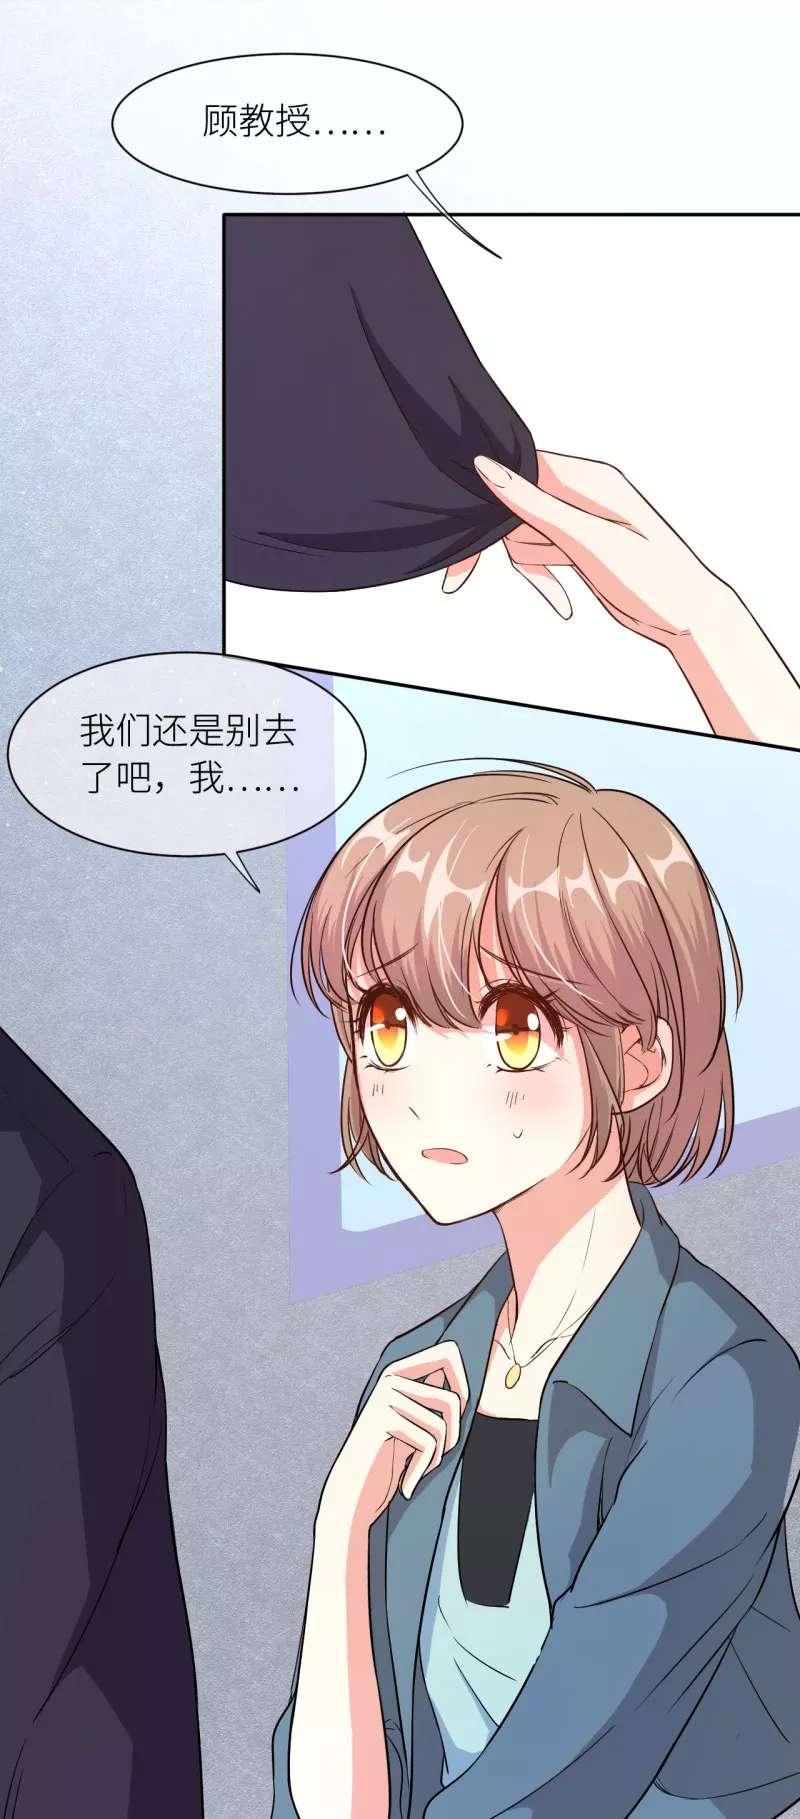 暗恋成婚第12话  012情敌见面 第 27